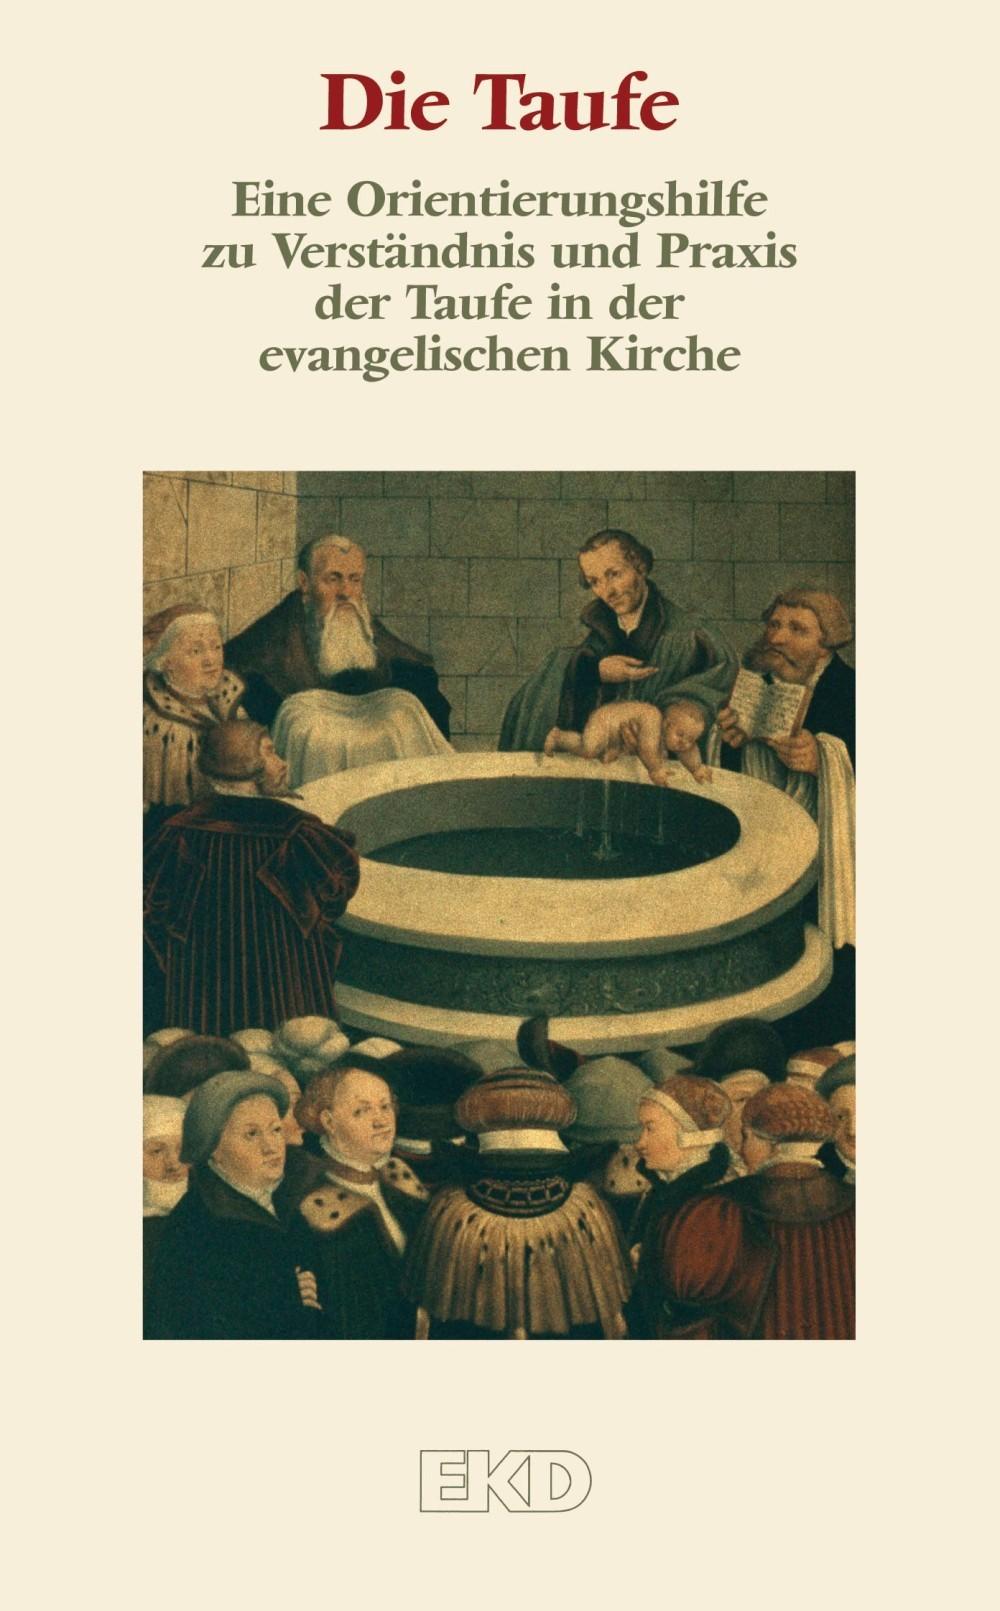 Ordensleute beschäftigen sich mit christlicher Schöpfungsspiritualität - Bistum Münster